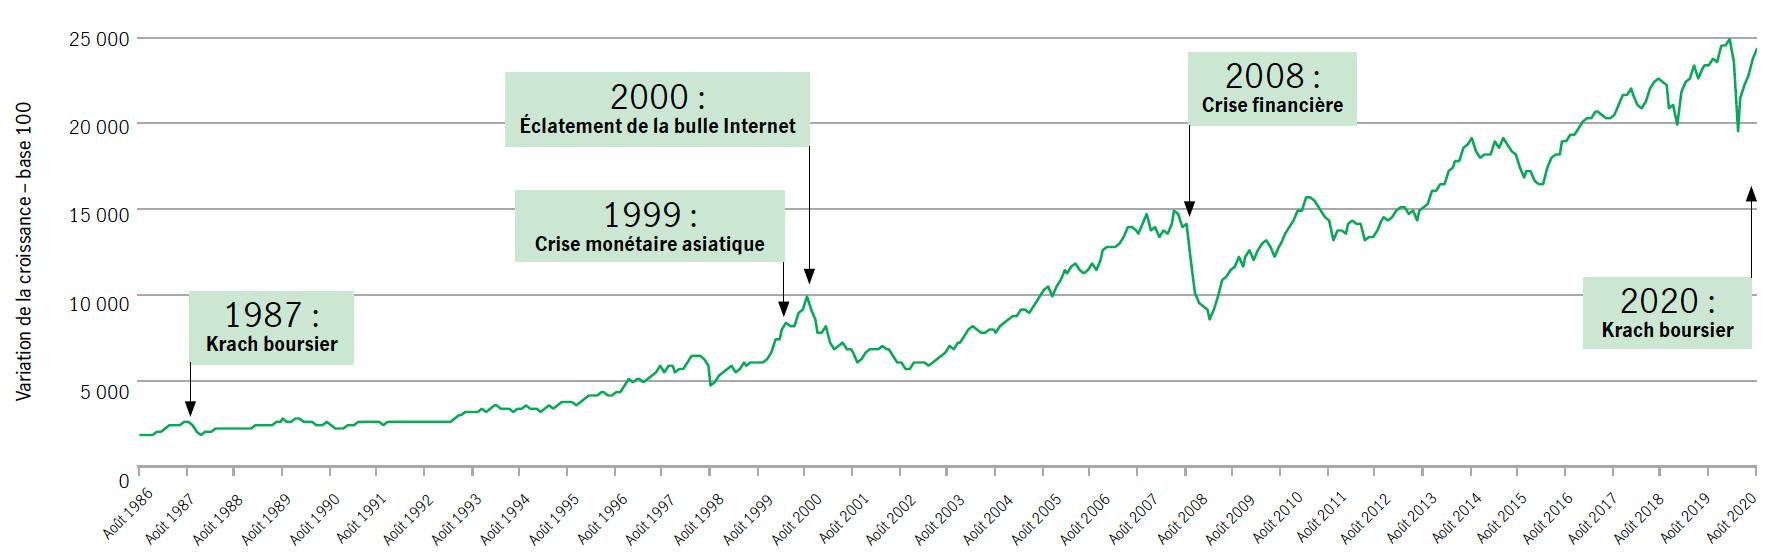 Les périodes de crise sont souvent suivies de périodes de croissance  Graphique linéaire illustrant les effets des crises importantes sur l'indice composé de rendement total S&P/TSX de 1997 à 2008. Août 1987 : Krach boursier – 2 600 Août 1999 : Crise monétaire asiatique – 6 000 Août 2000 : Éclatement de la bulle Internet – 9 000 Août 2008 : Crise financière – 15 000